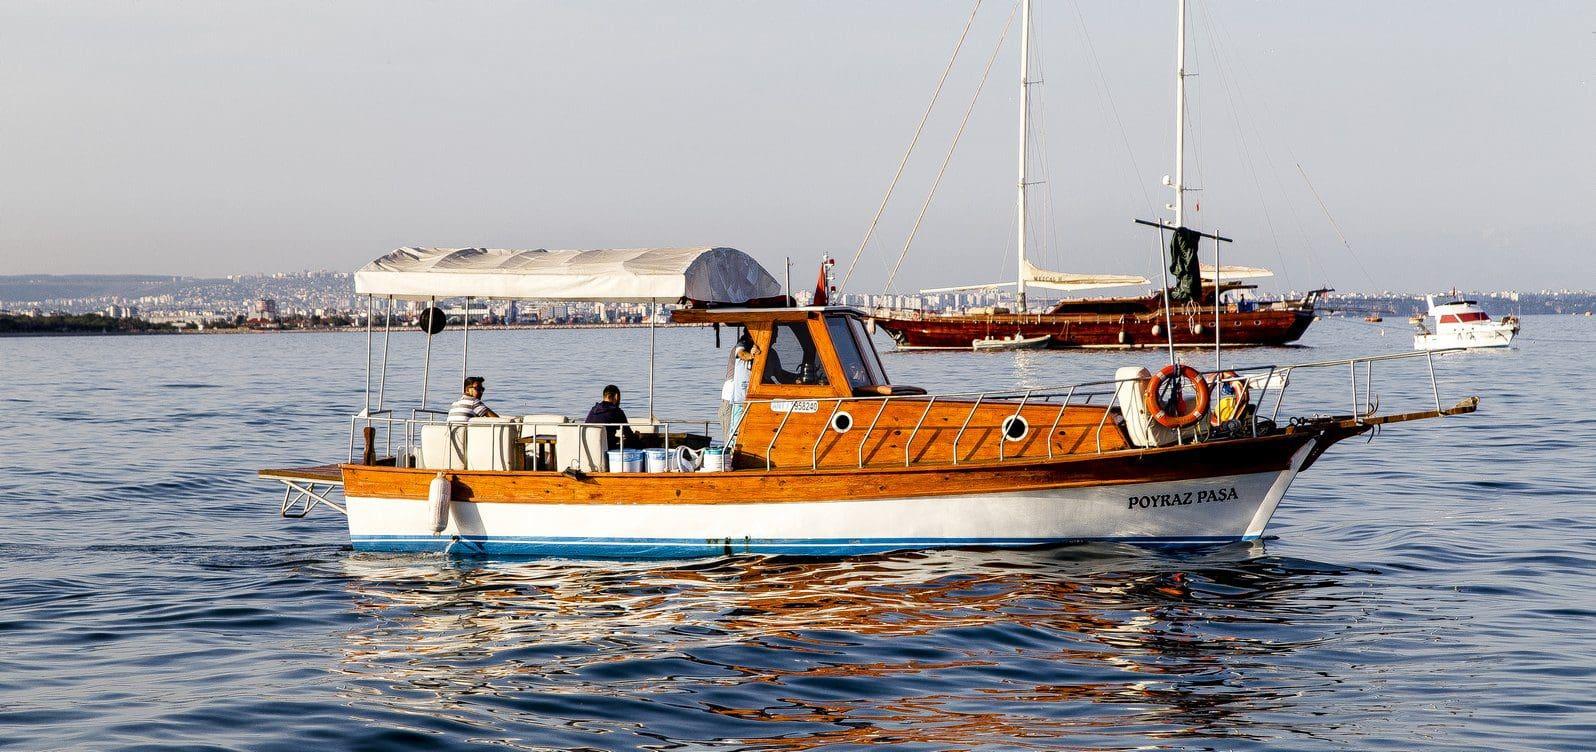 Poyraz Paşa